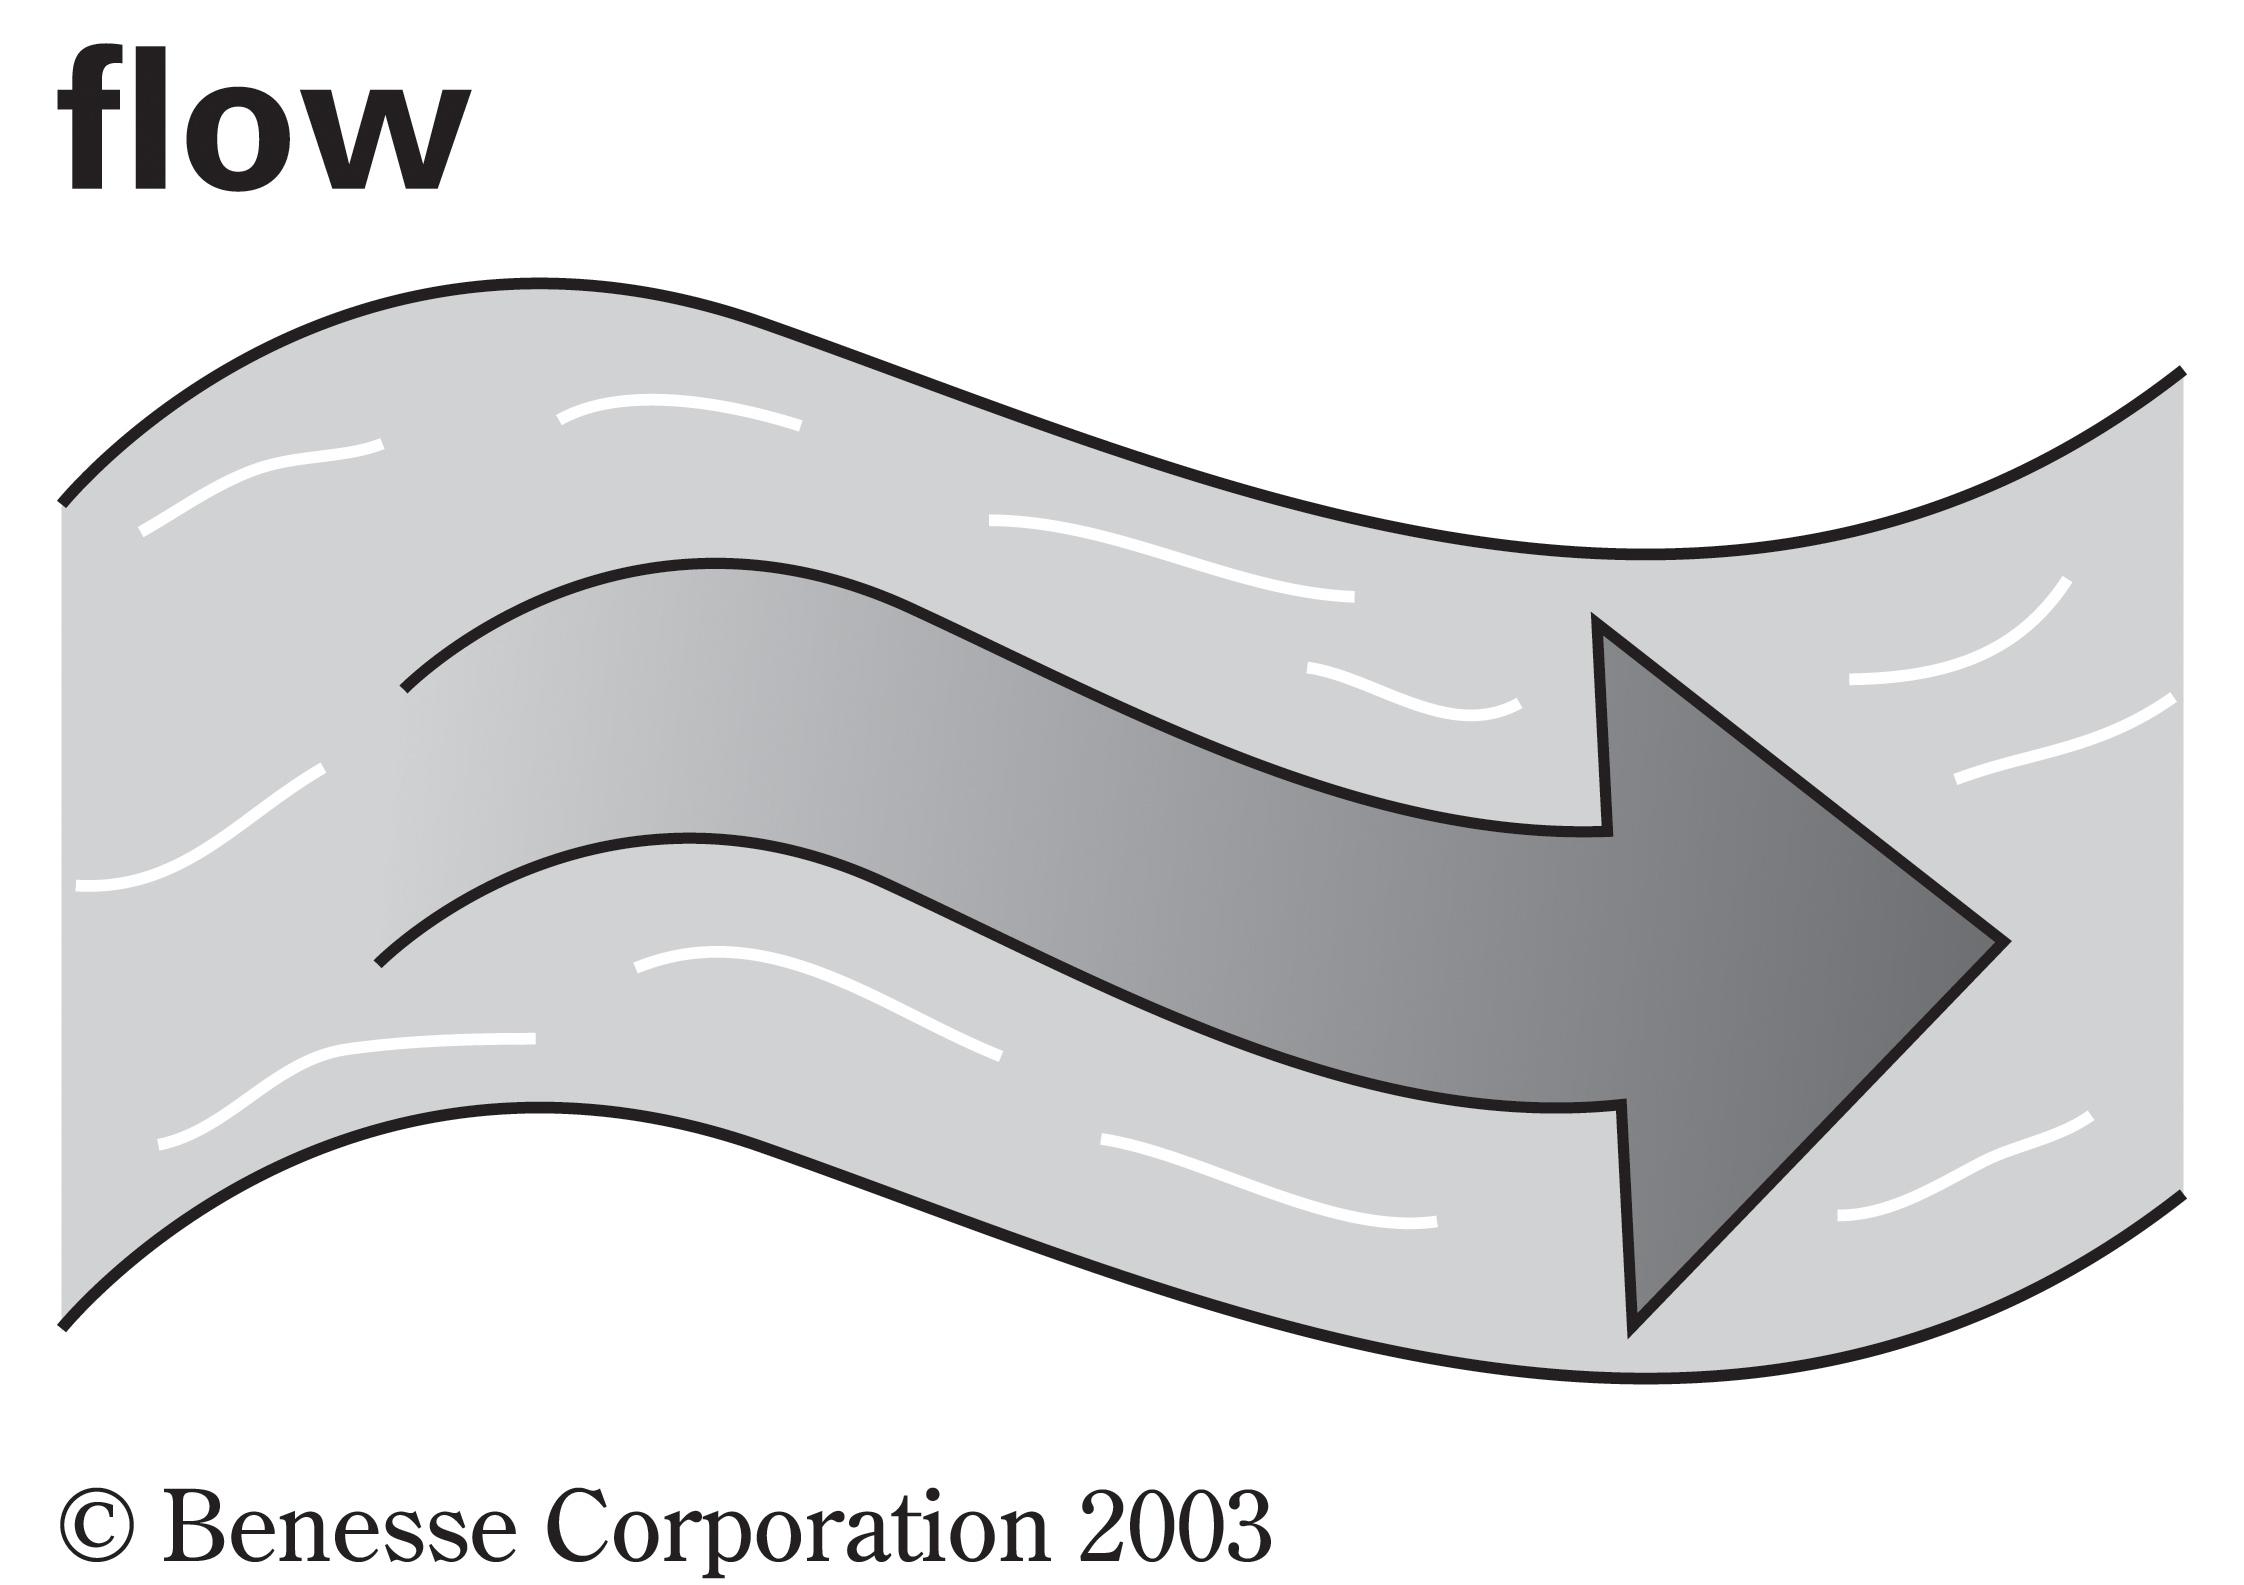 flow01.jpg